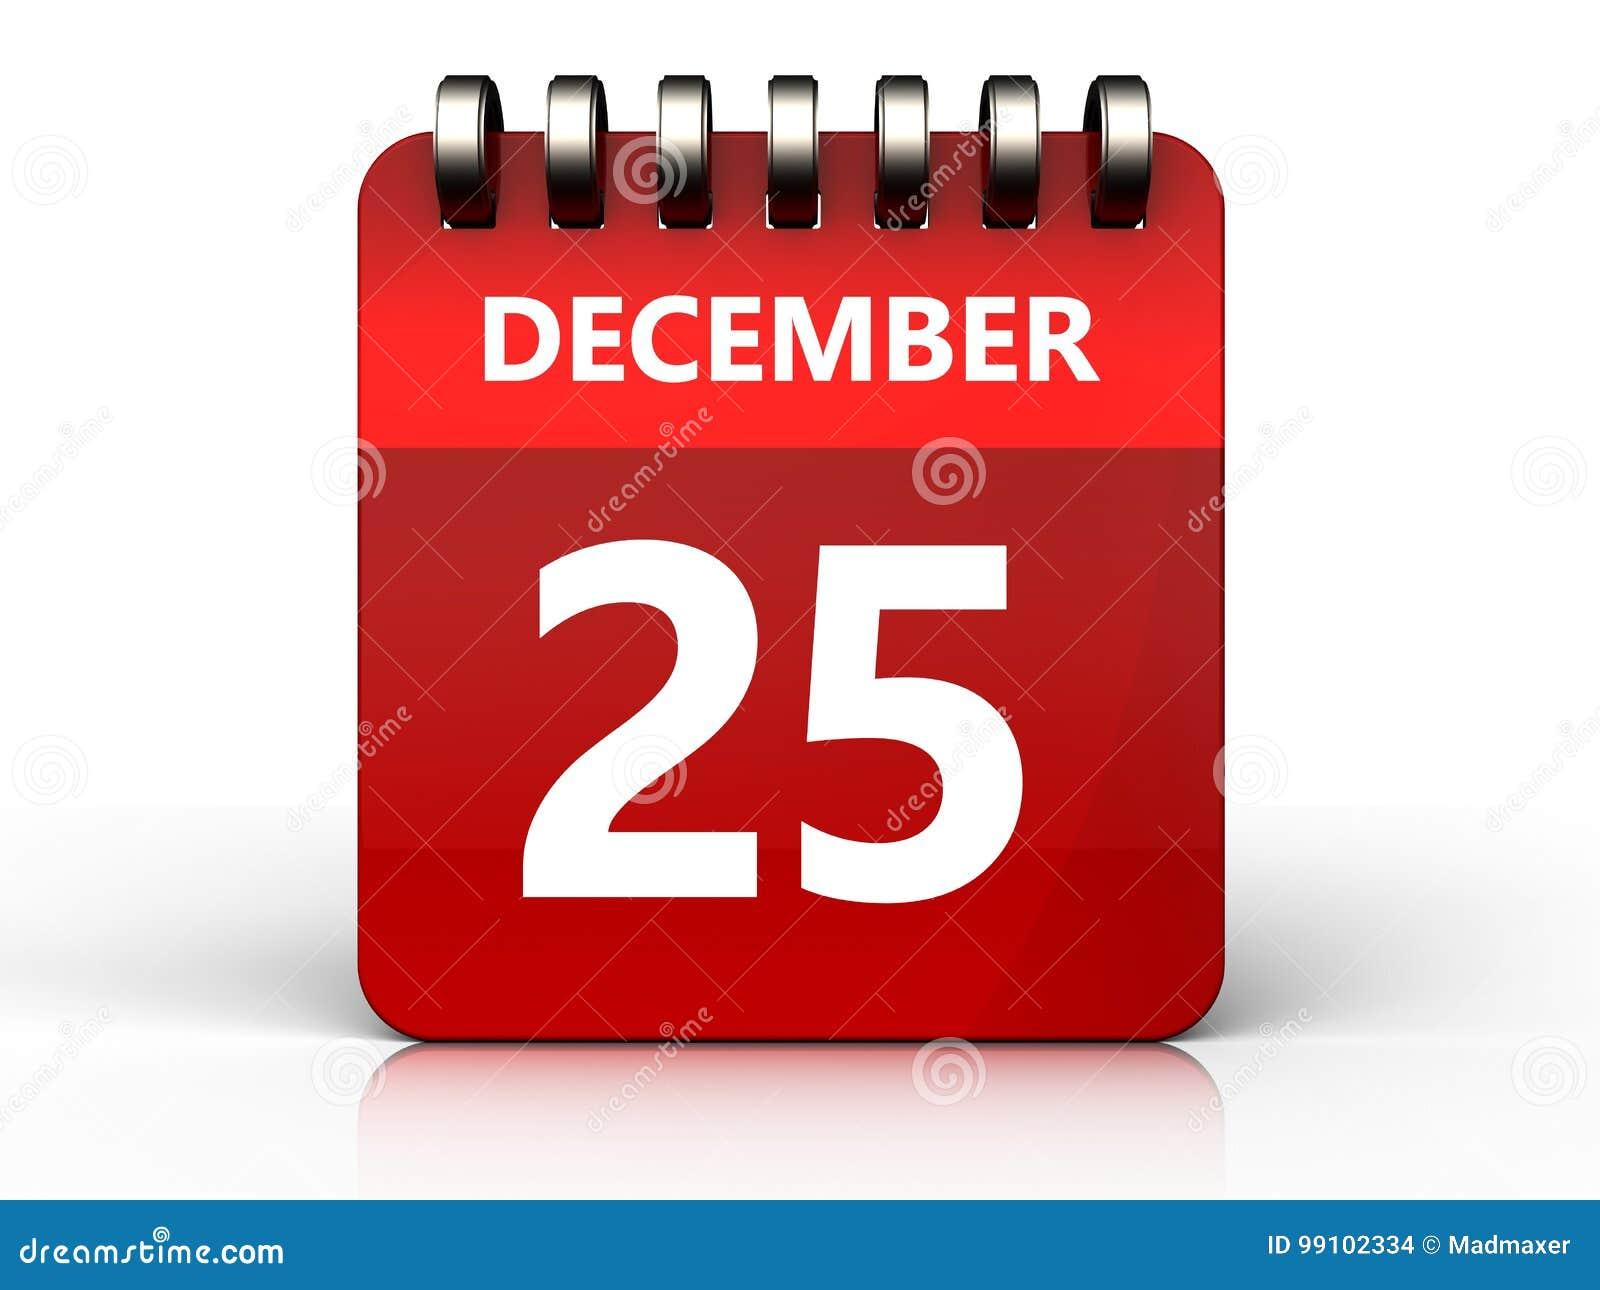 3d 25 december calendar